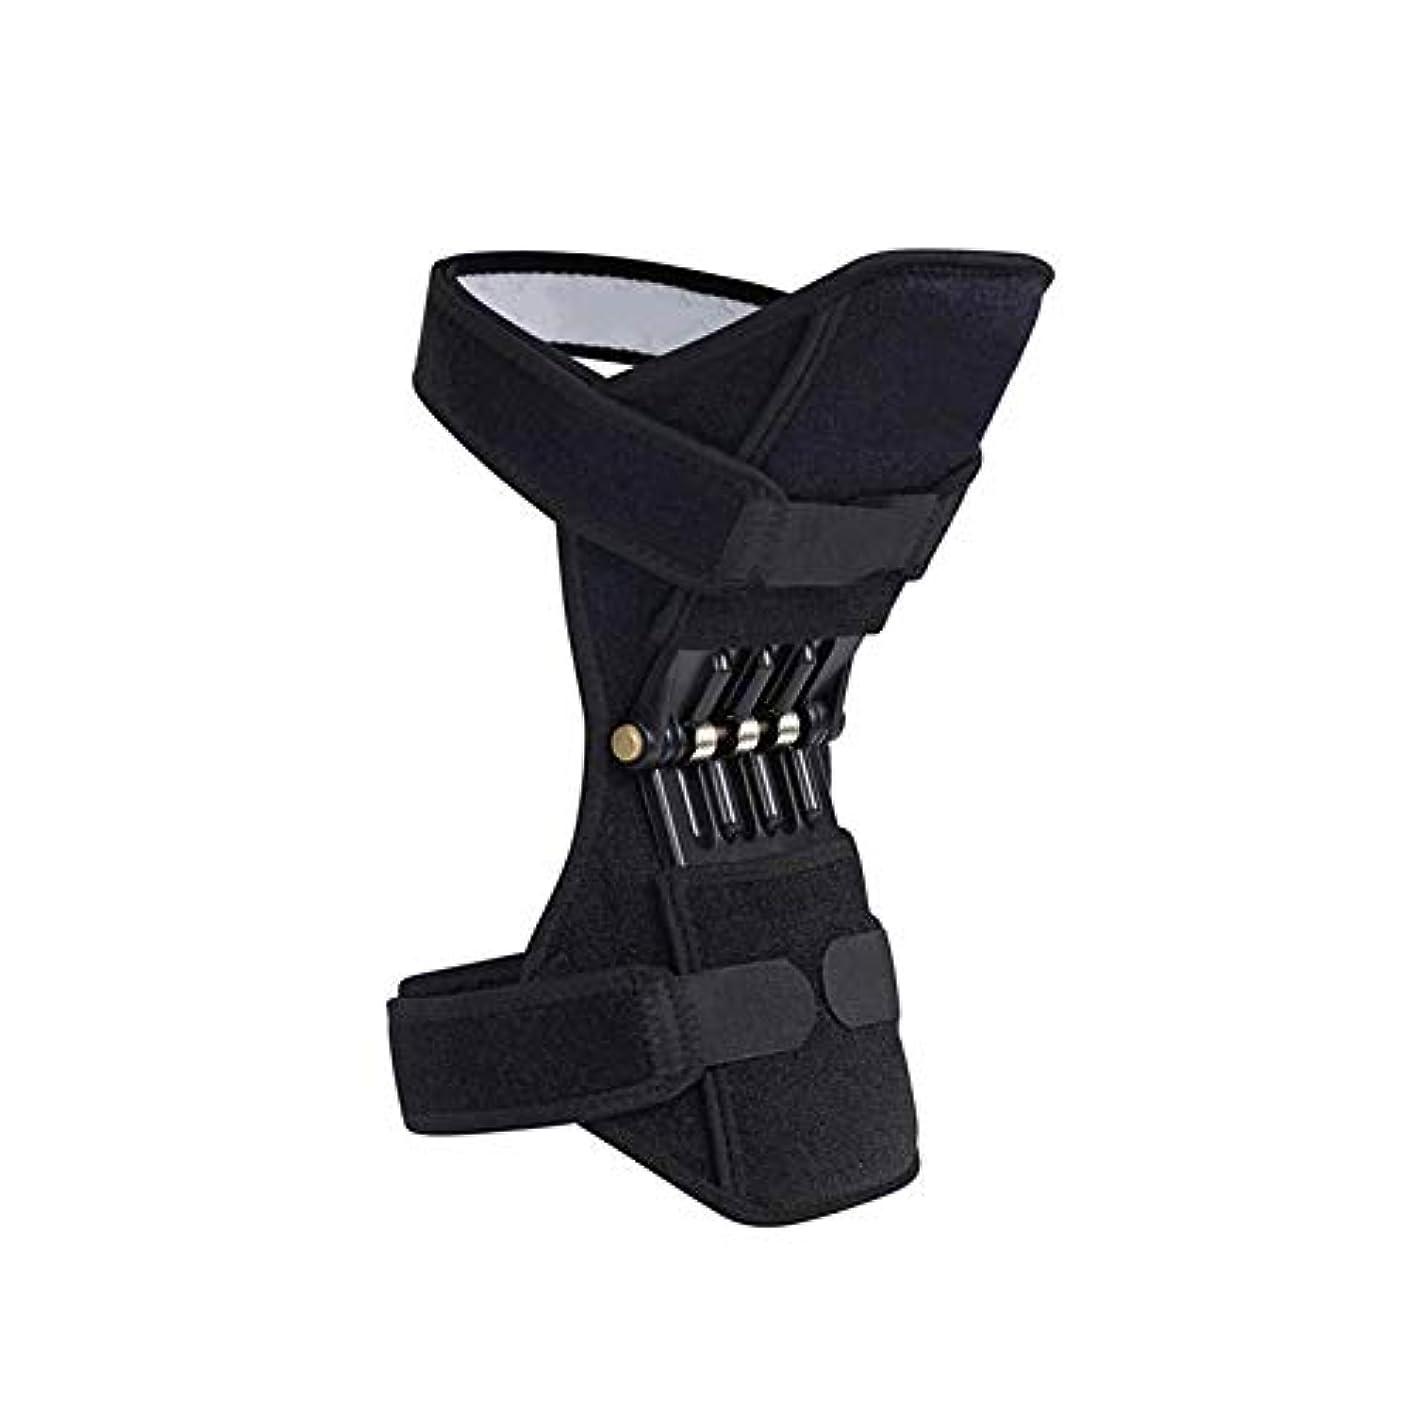 マイクロクーポンモナリザEsolom シングル 共同サポート 膝パッド通気性 滑り止め パワーブースト 関節補助膝パッド 左右どちらの足でも 強いリバウンドニーパッド